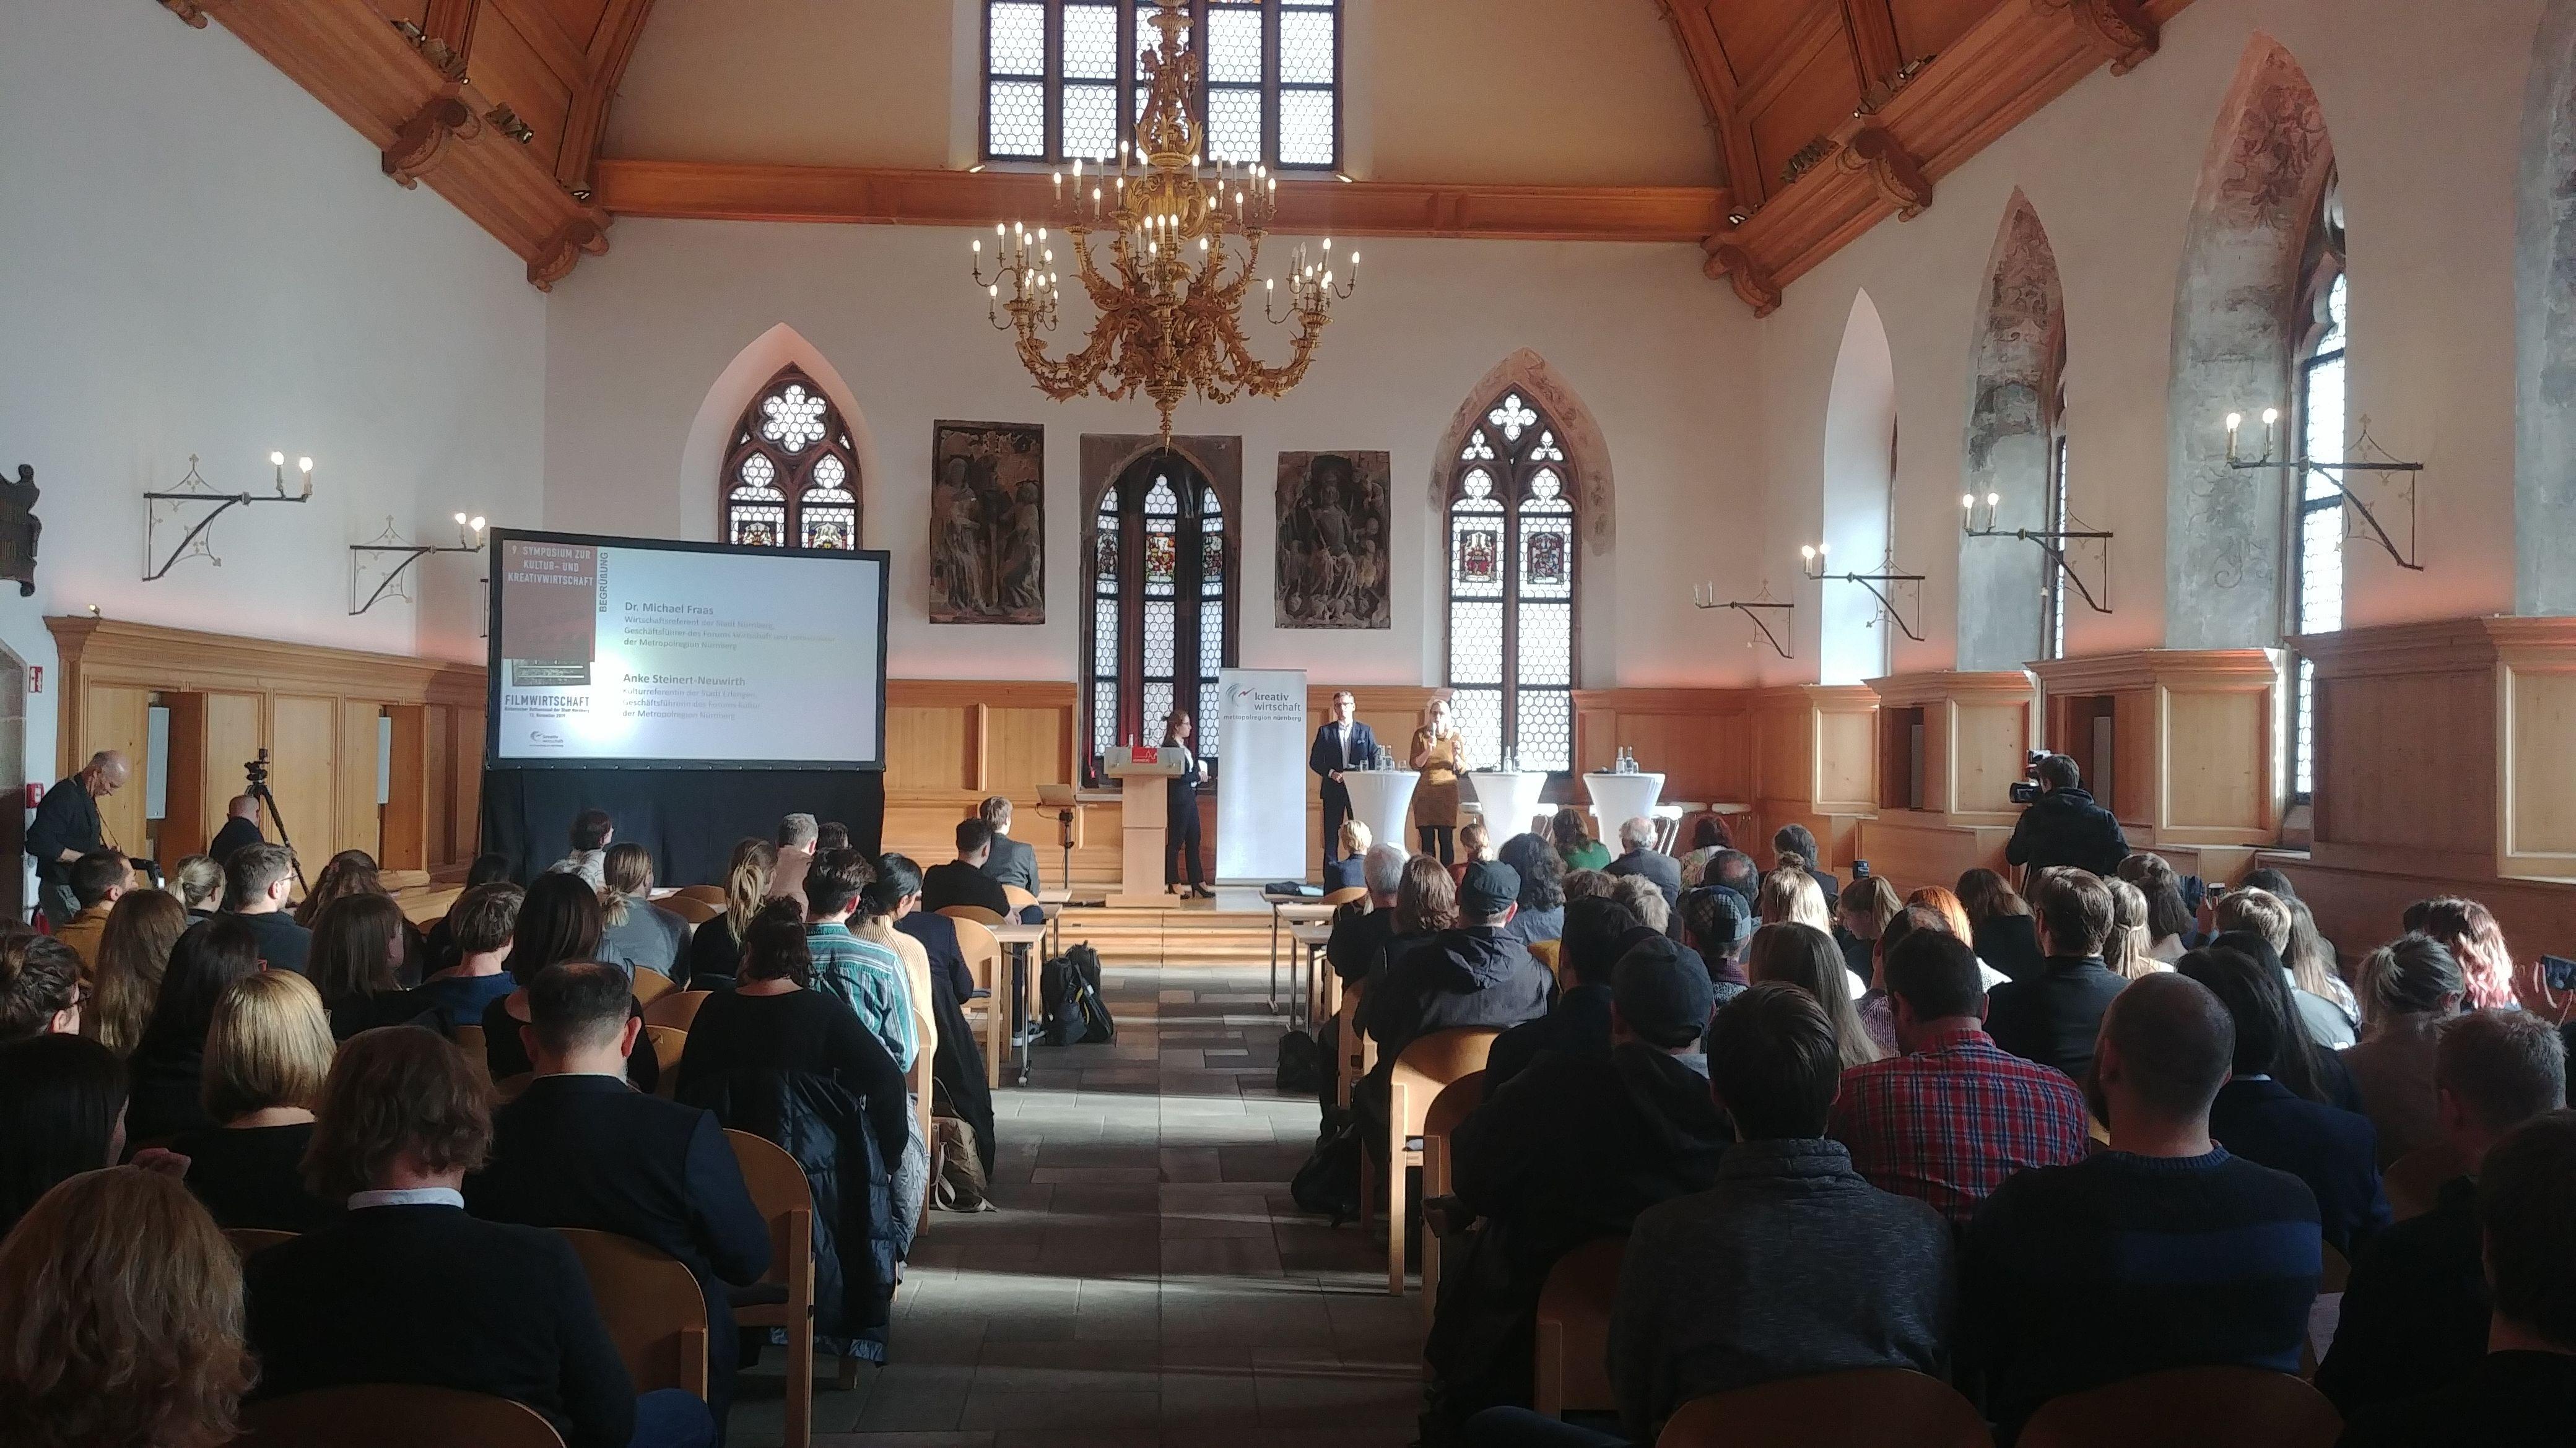 Menschen bei einem Vortrag im historischen Rathaussaal in Nürnberg